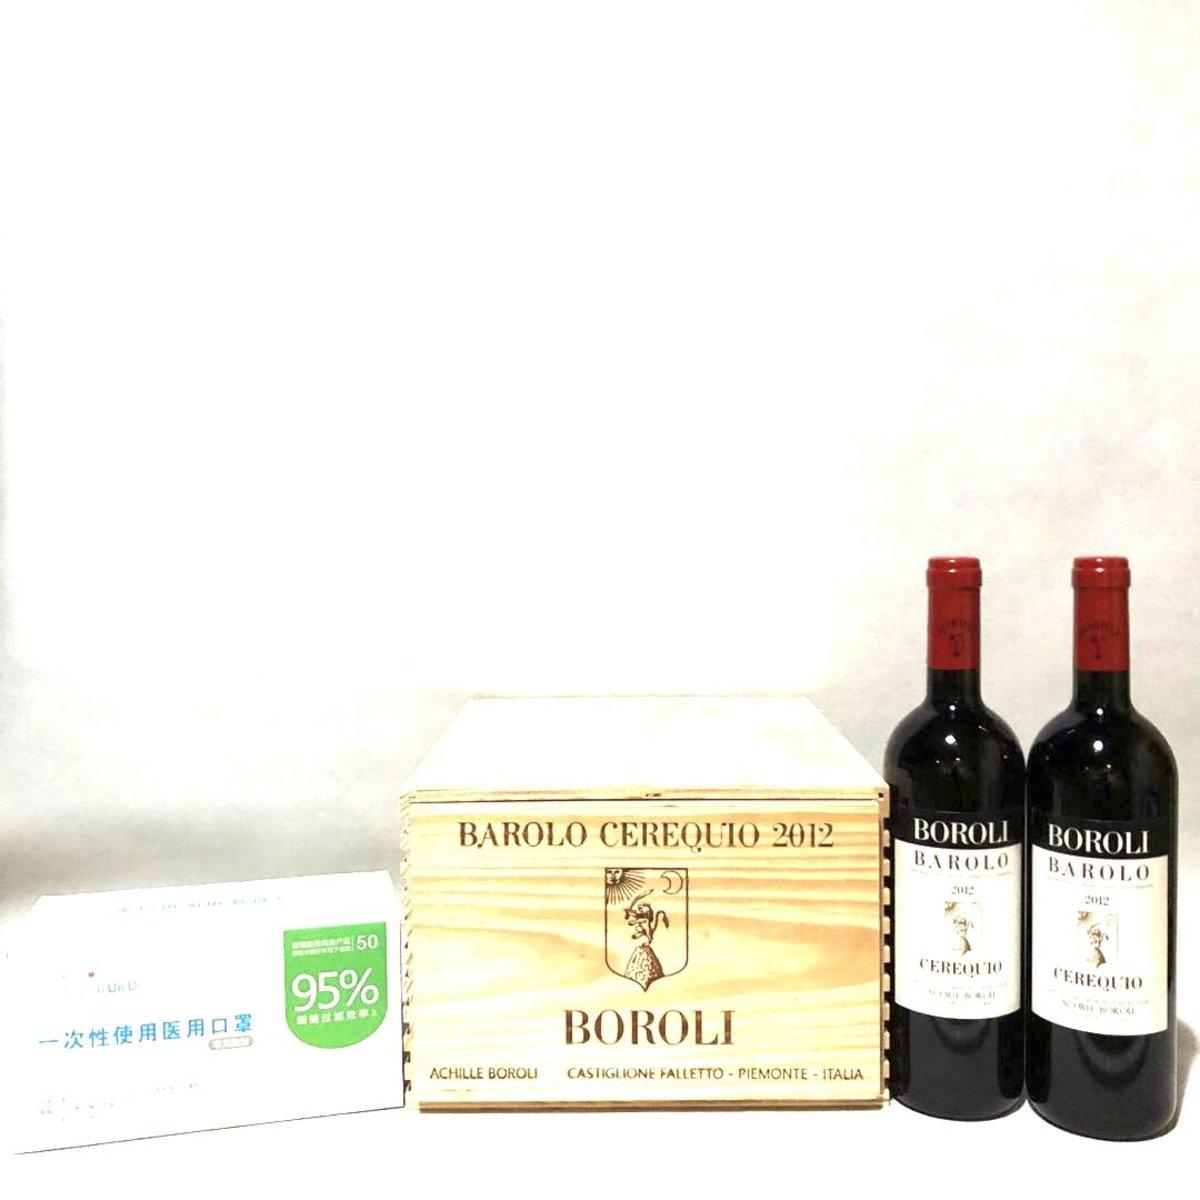 Barolo Cerequio 2012+ Happy抗疫套裝(優惠贈品口罩50個)